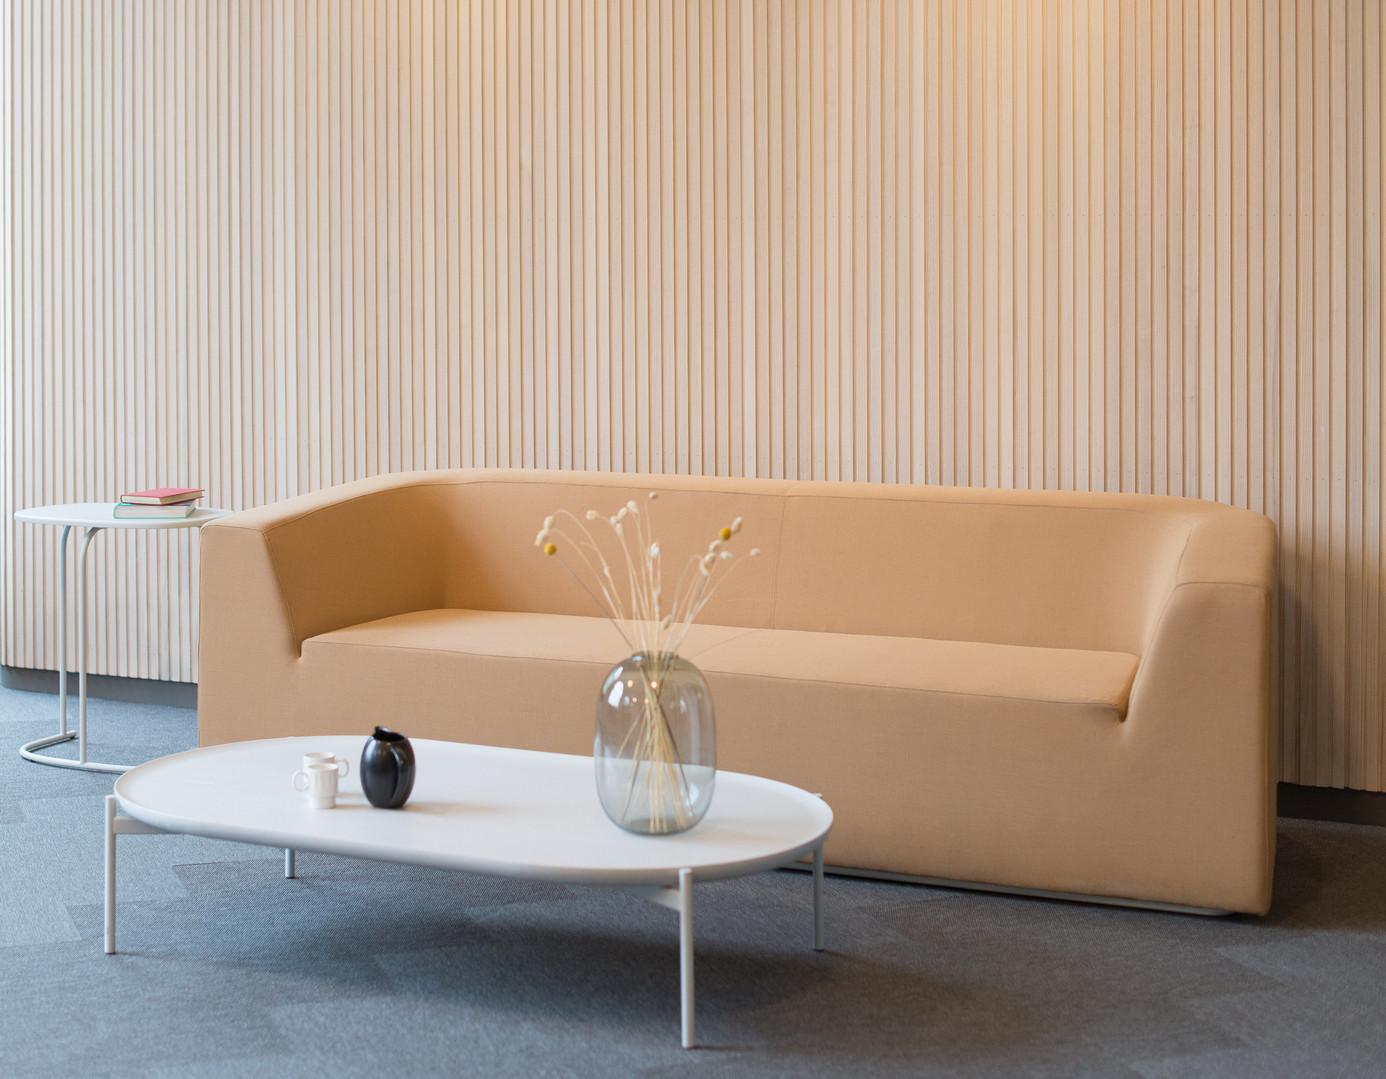 Caslon Sofa by Brad Ascalon